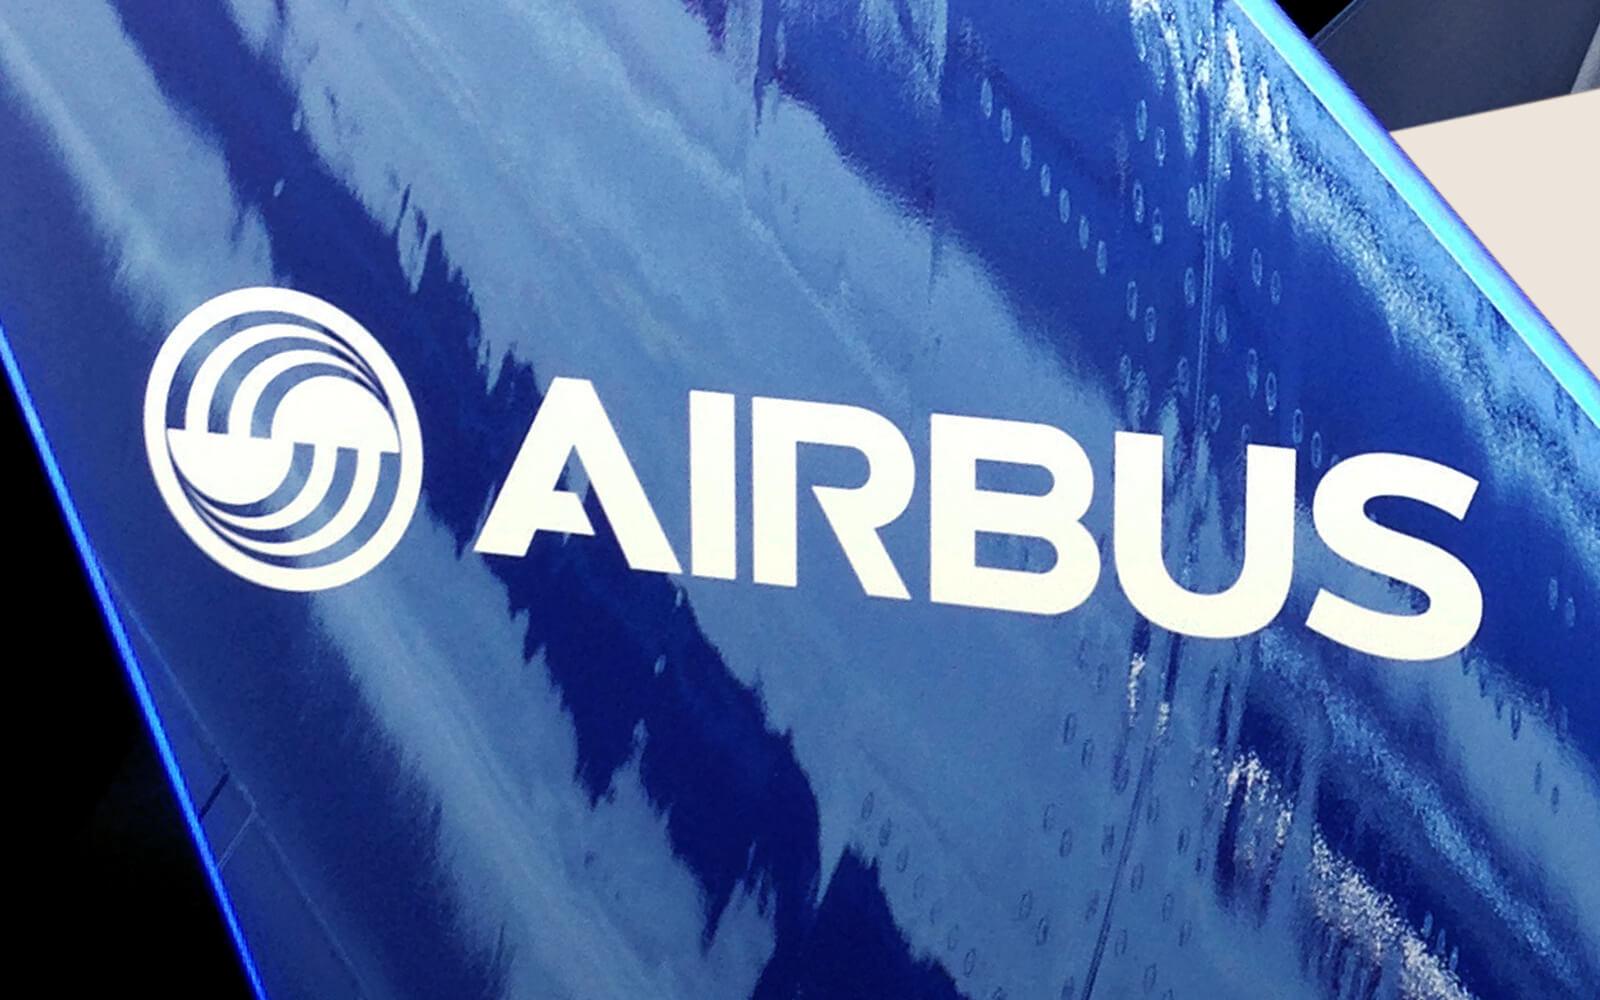 Airbus Leitwerke Lichtwerbung